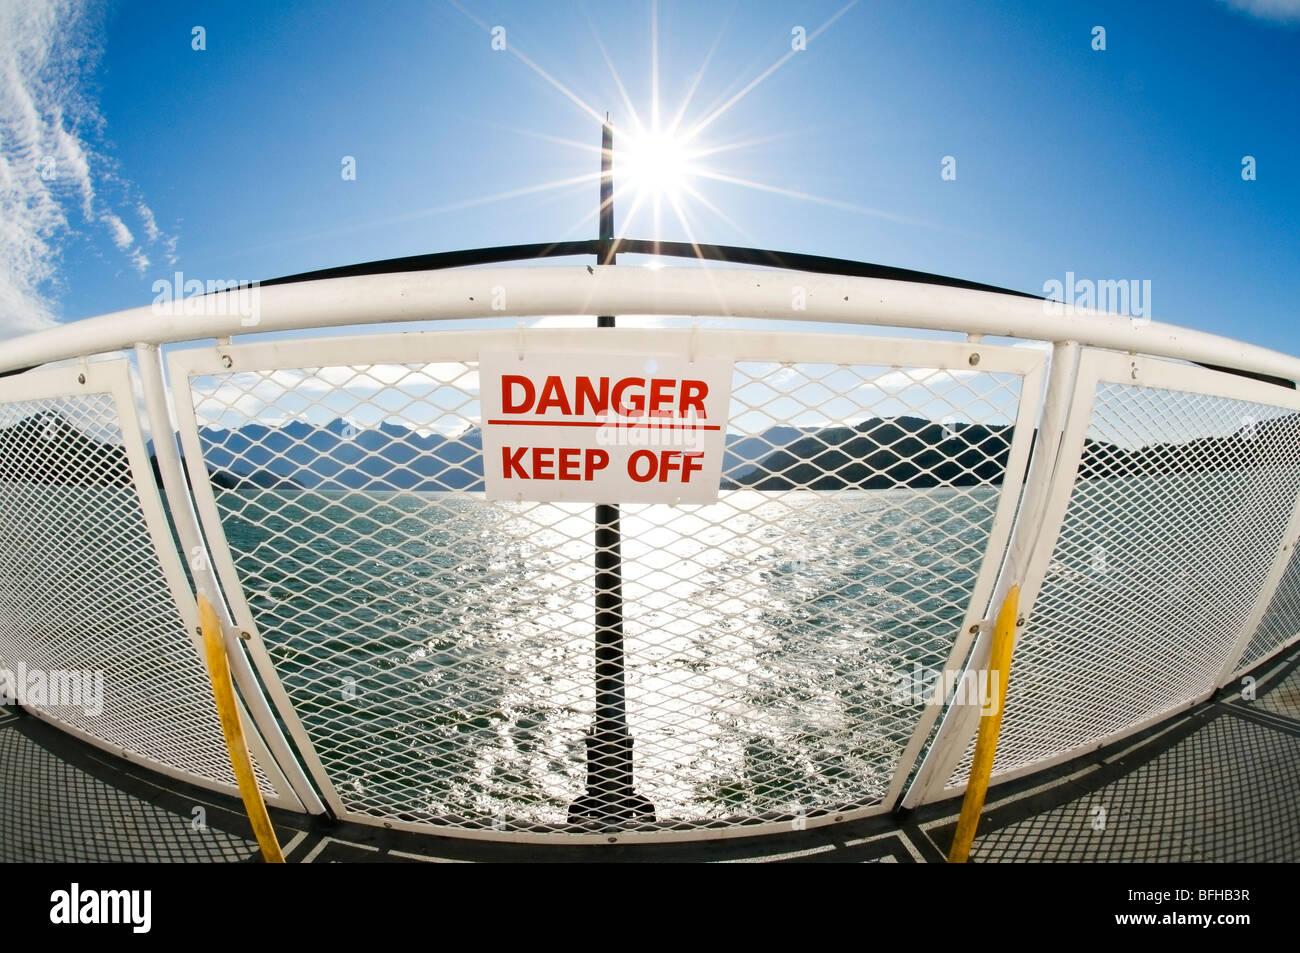 Un segno su un traghetto della ringhiera membri 'Dira - Mantenere Off'. Immagini Stock